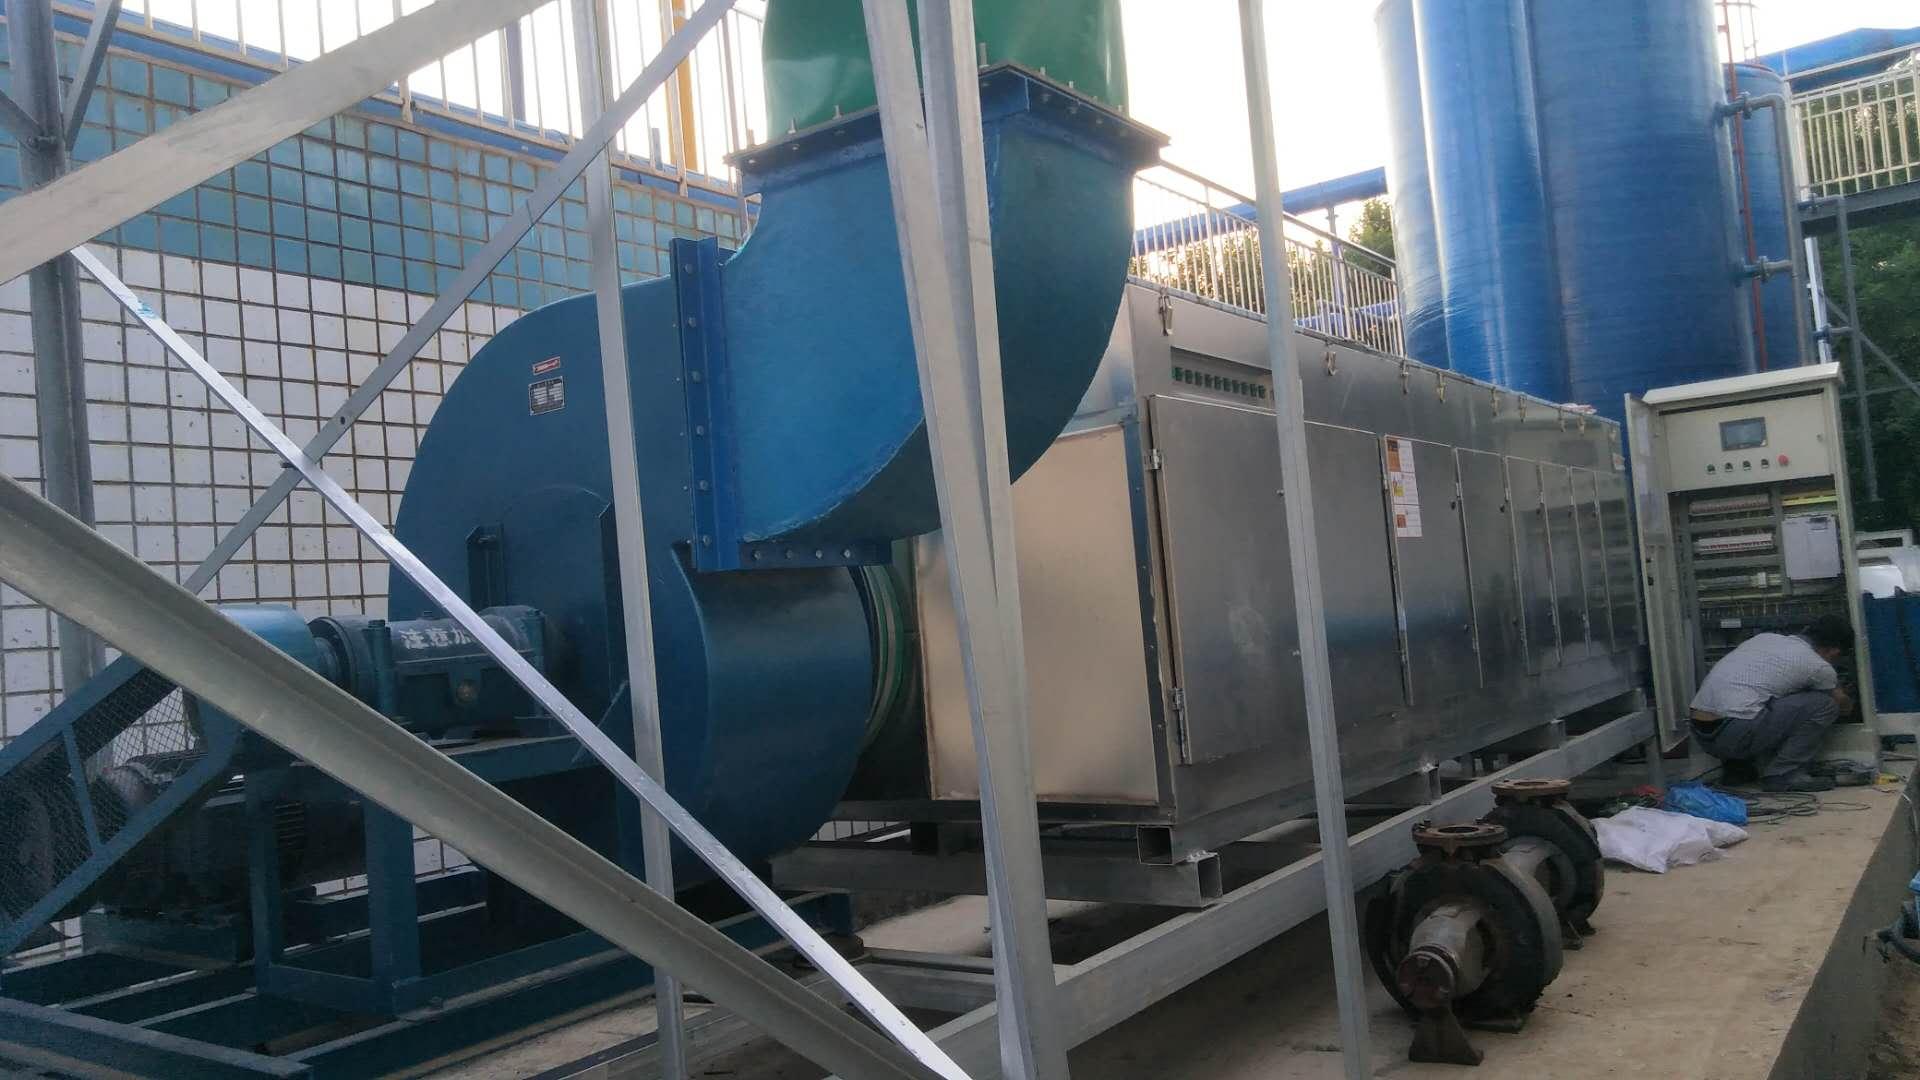 污水厂除臭火狐体育APP下载厂家装置方案污水池除臭系统